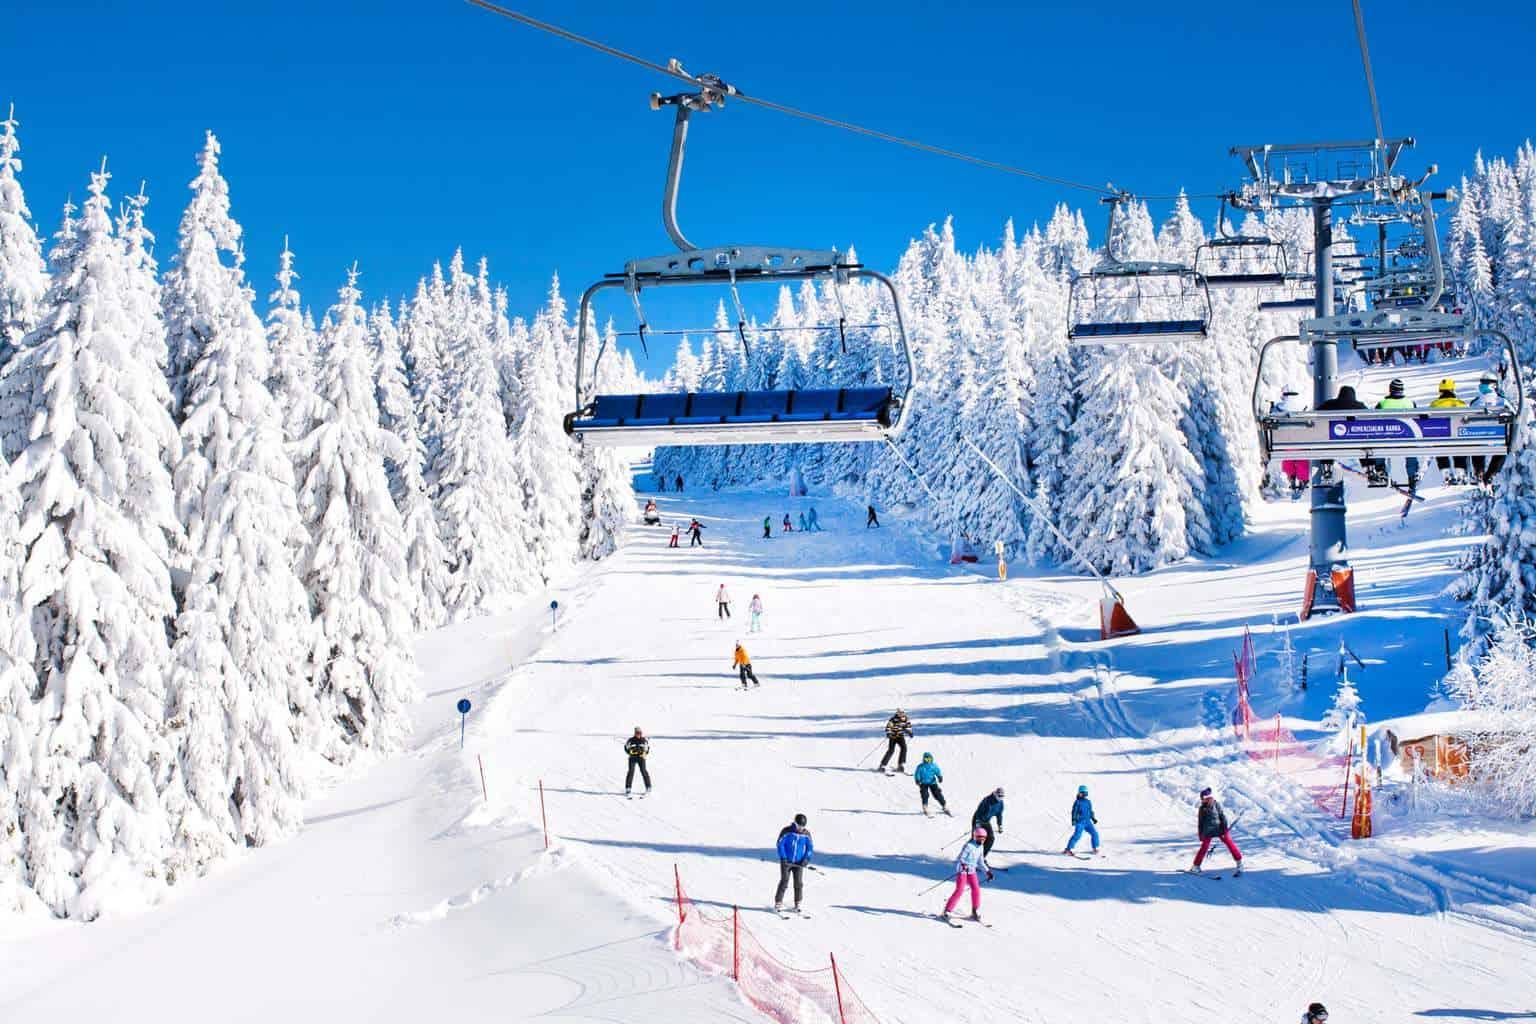 Улудаг горнолыжный курорт в Турции